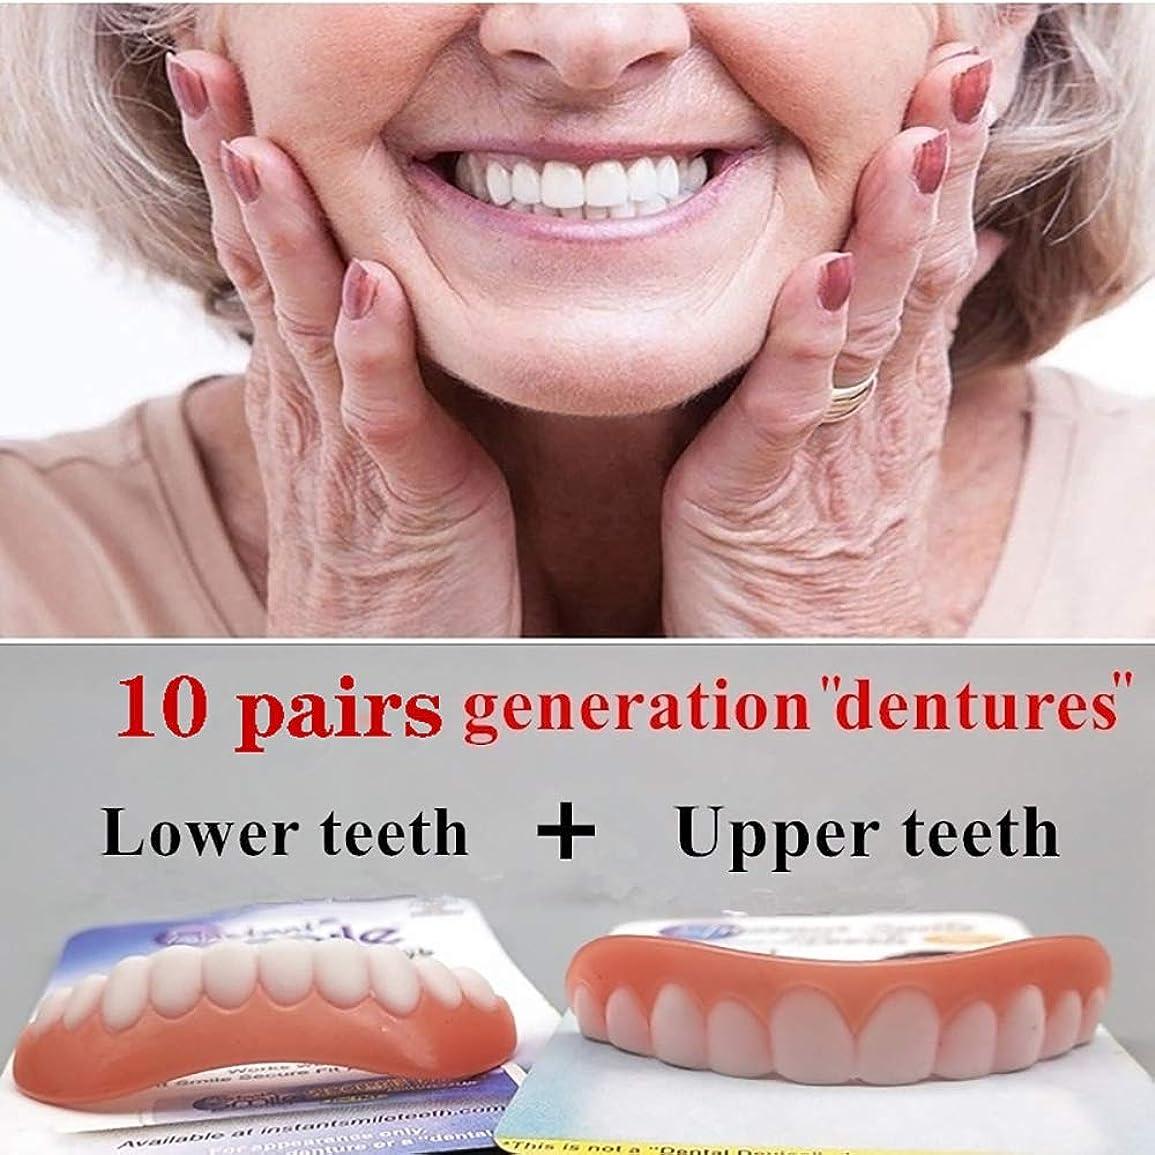 歩き回るやむを得ないダブル20個の歯のベニヤ化粧品の歯スナップオンセキュアアッパーローワーコンフォートフィット歯のベニヤセキュアインスタント笑顔化粧品ワンサイズはすべての義歯のケアツールにフィット